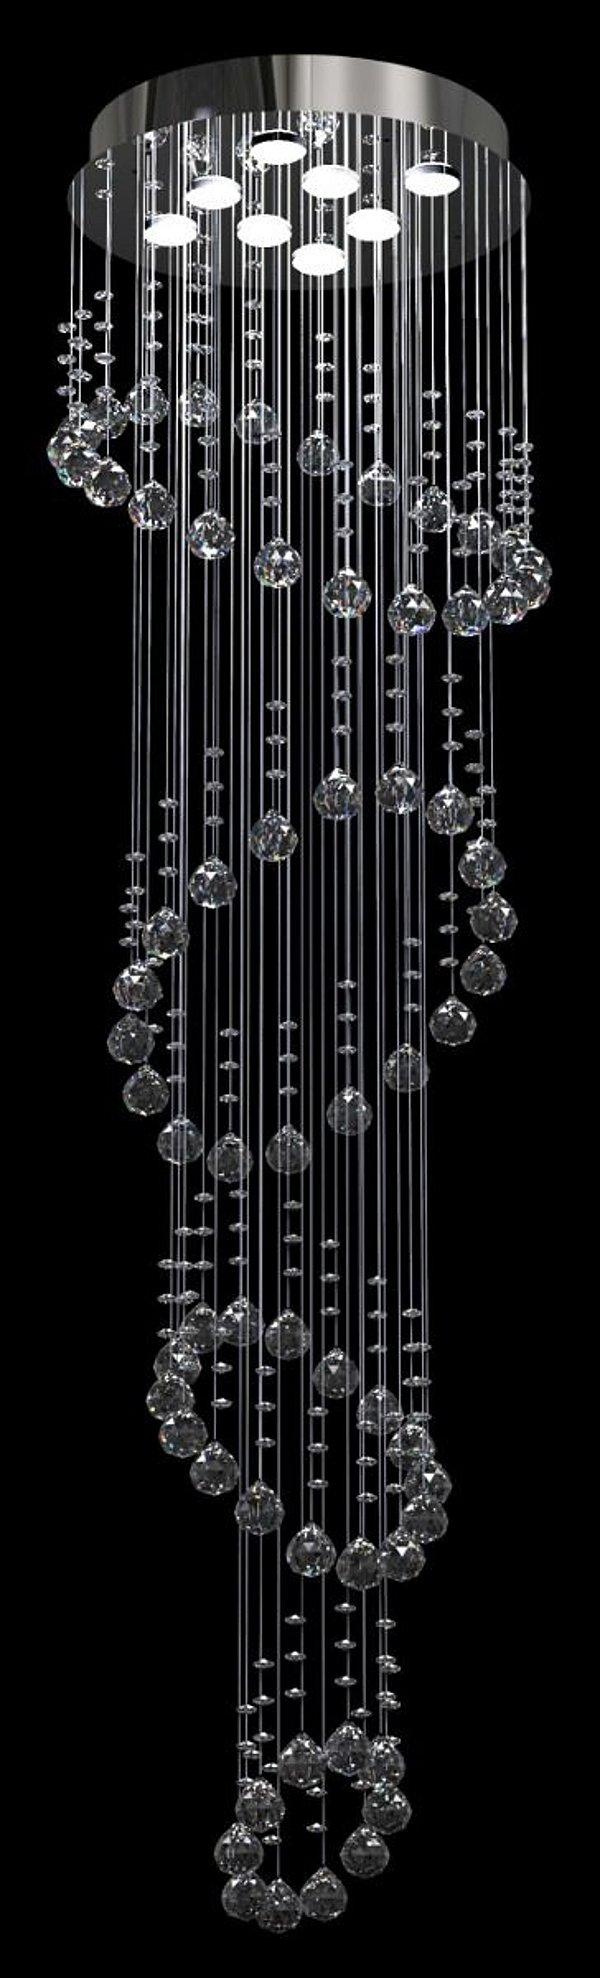 Lustre Redondo Inox Espelhado Aros Intercalados Cristal Transparente 8 Lâmpadas Ø42x2m New Design Gu10 402/42 Salas e Hall